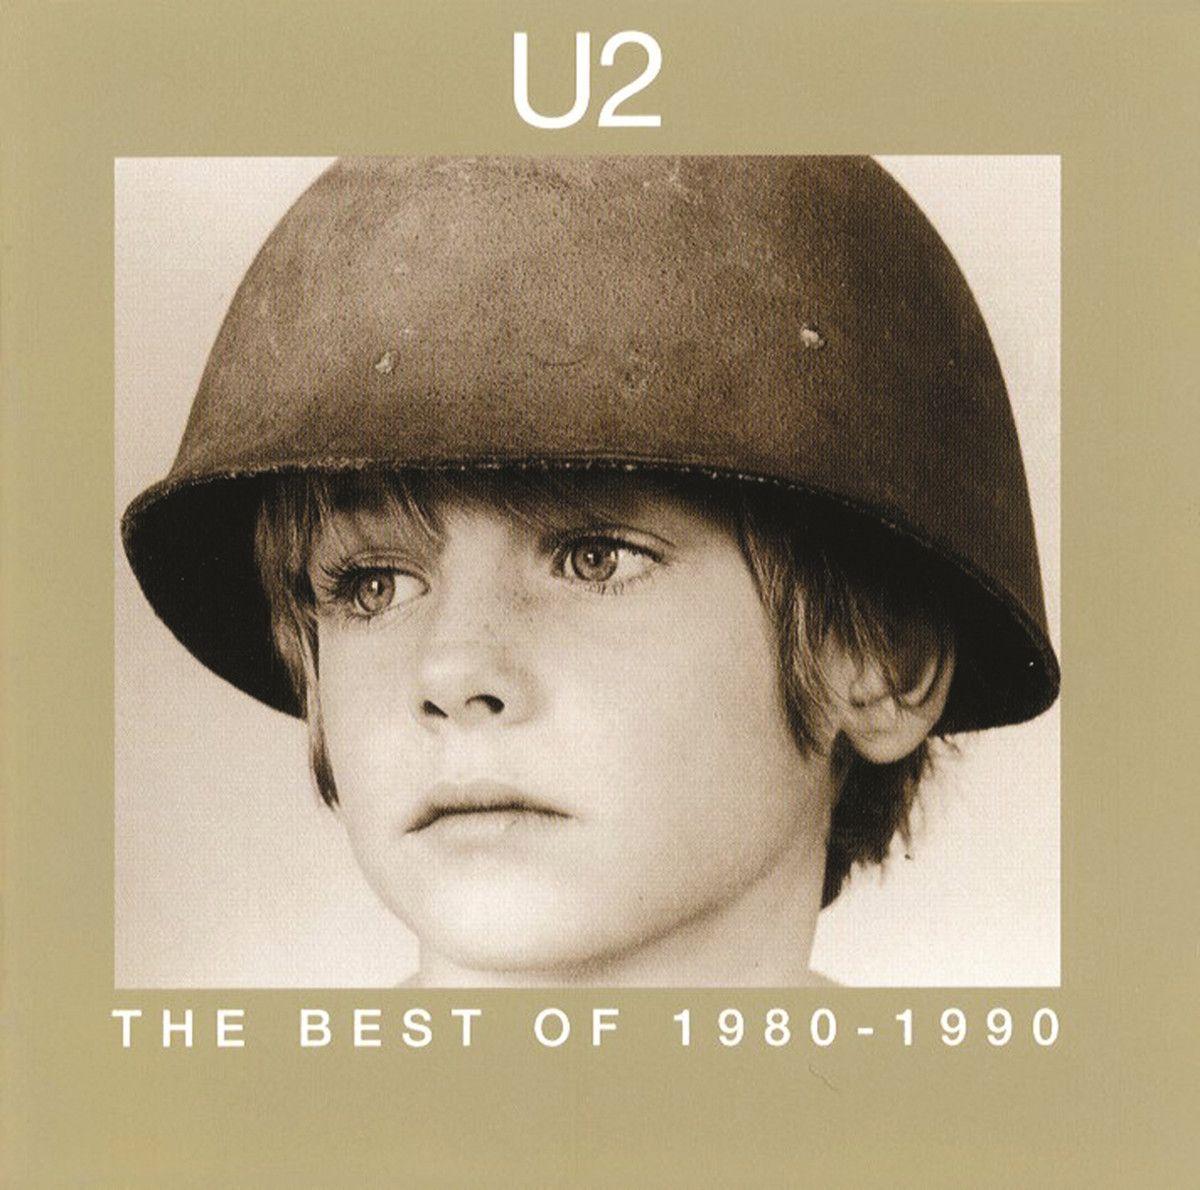 U2 - The Best Of 1980-1990 album cover